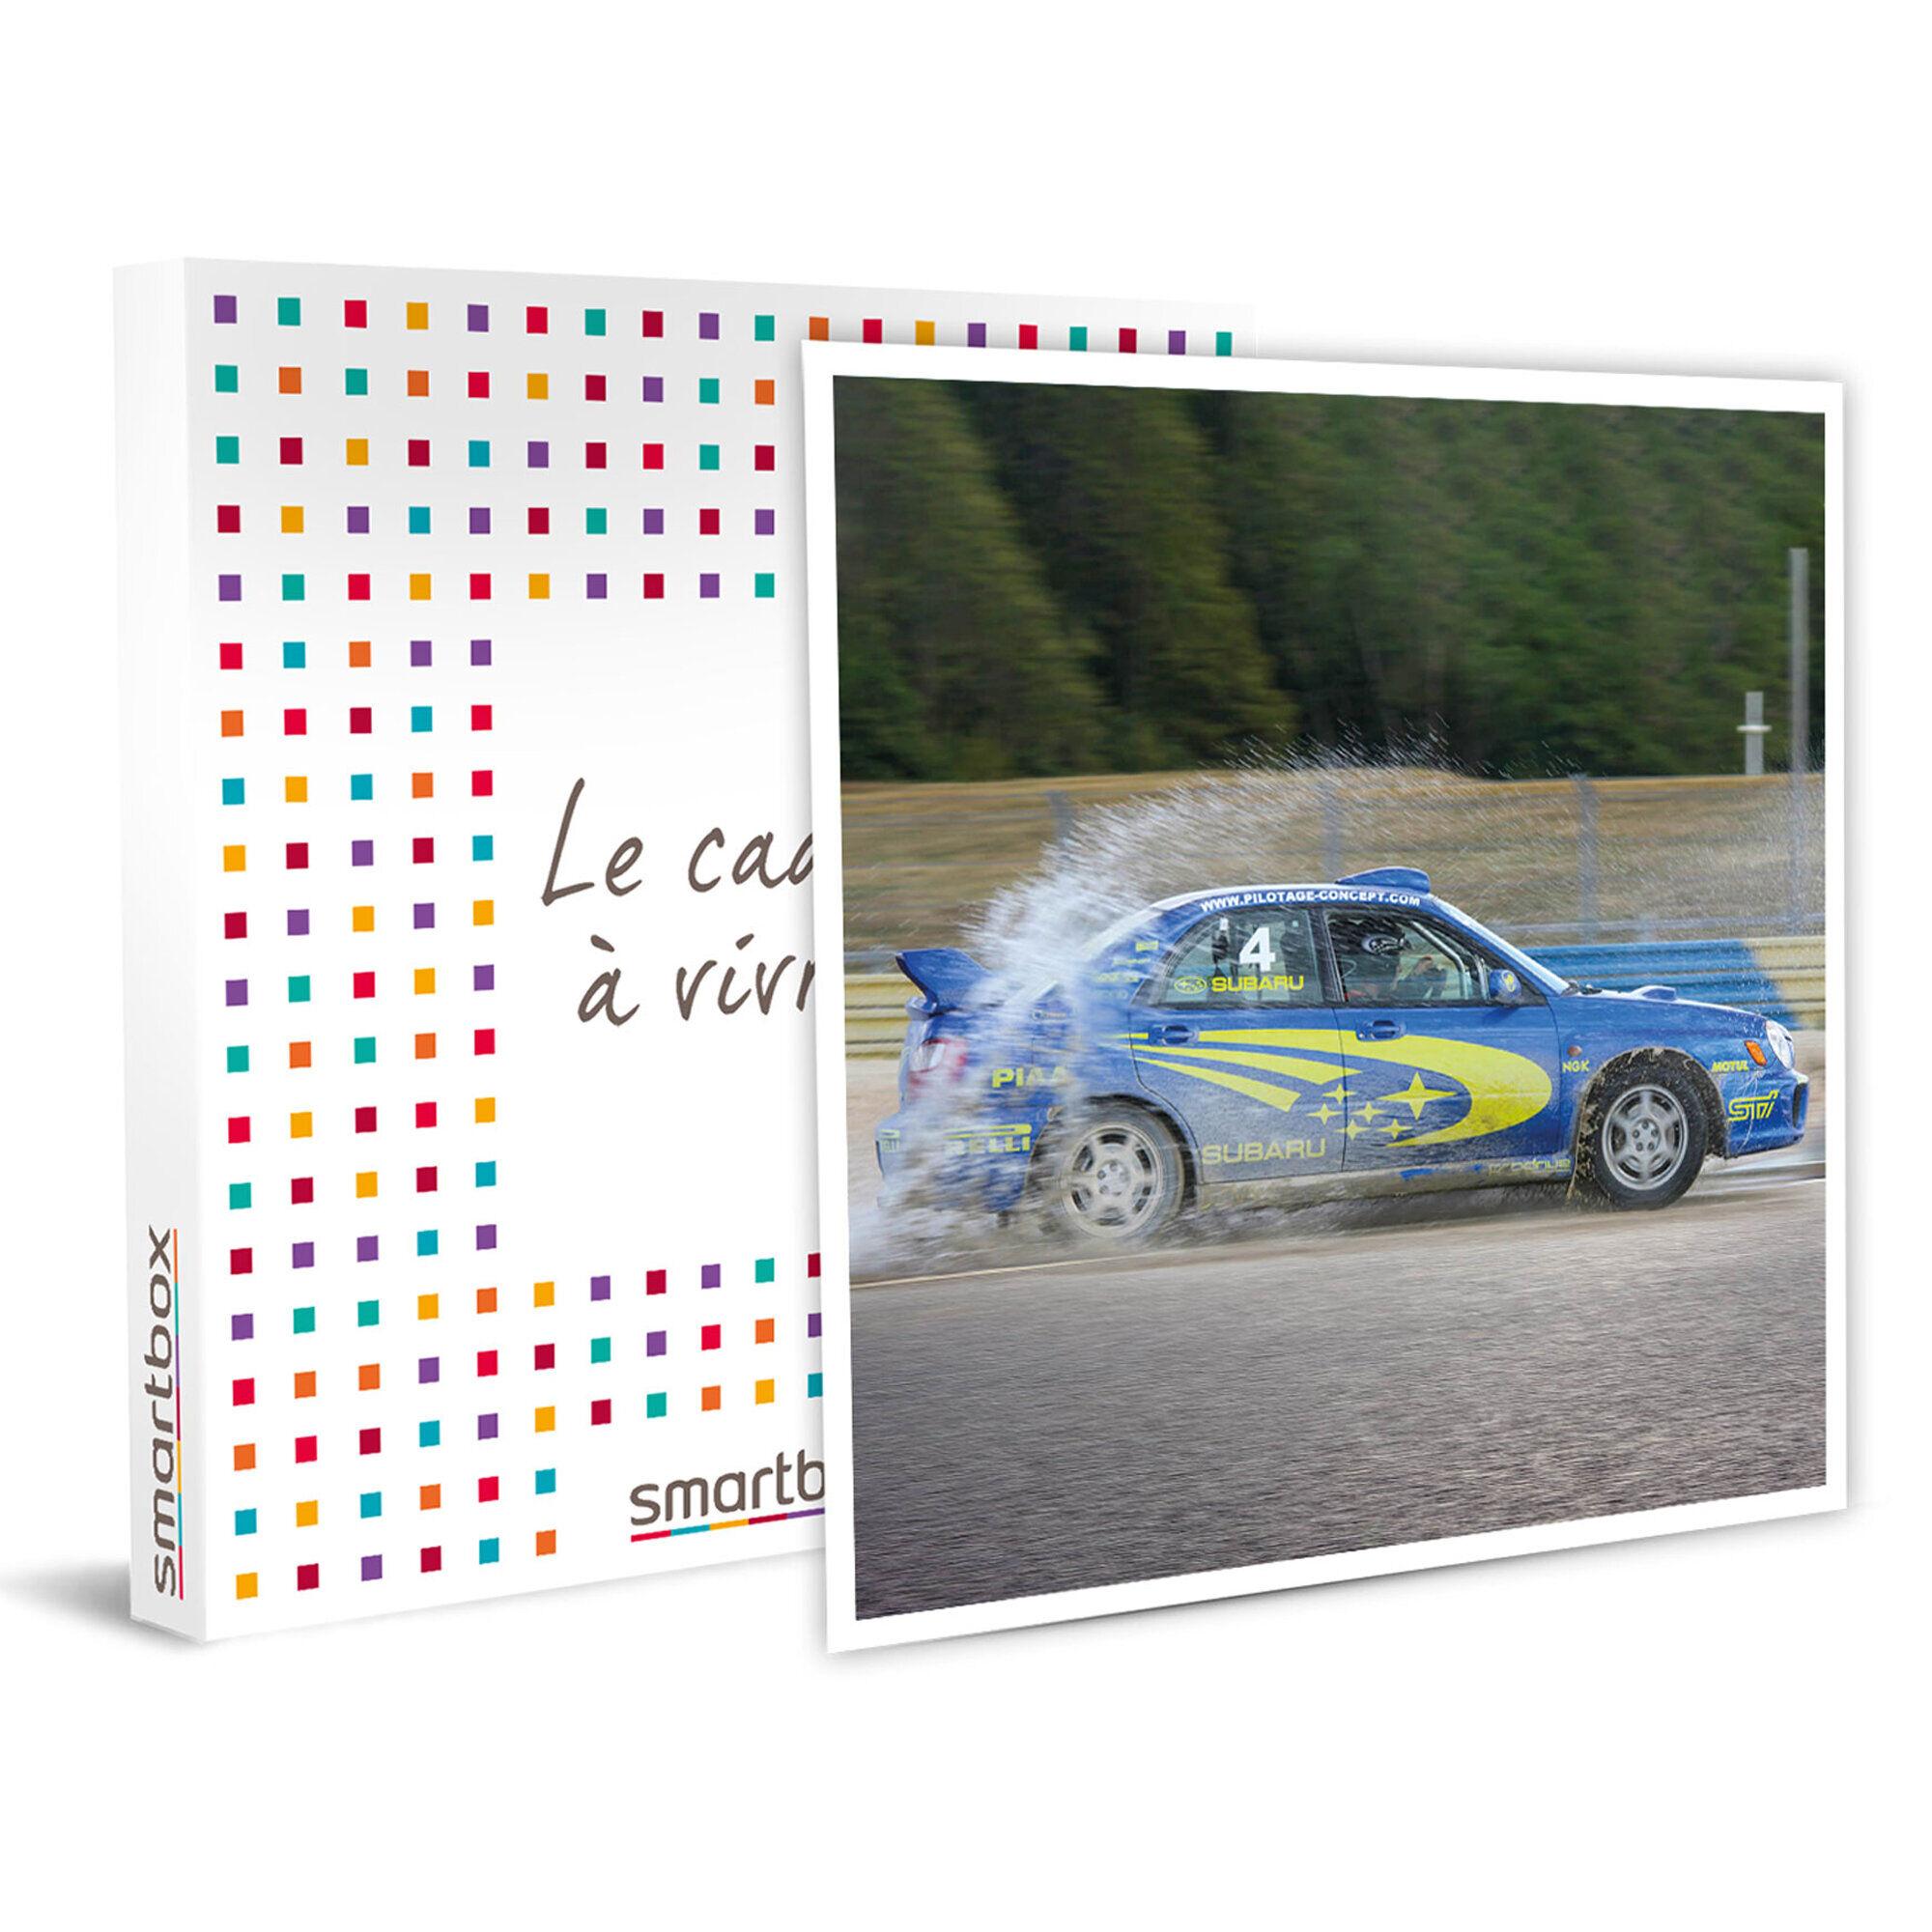 Smartbox Pilotage sur circuit d'une Subaru Groupe N pour 10 tours à haute adrénaline à Dreux Coffret cadeau Smartbox